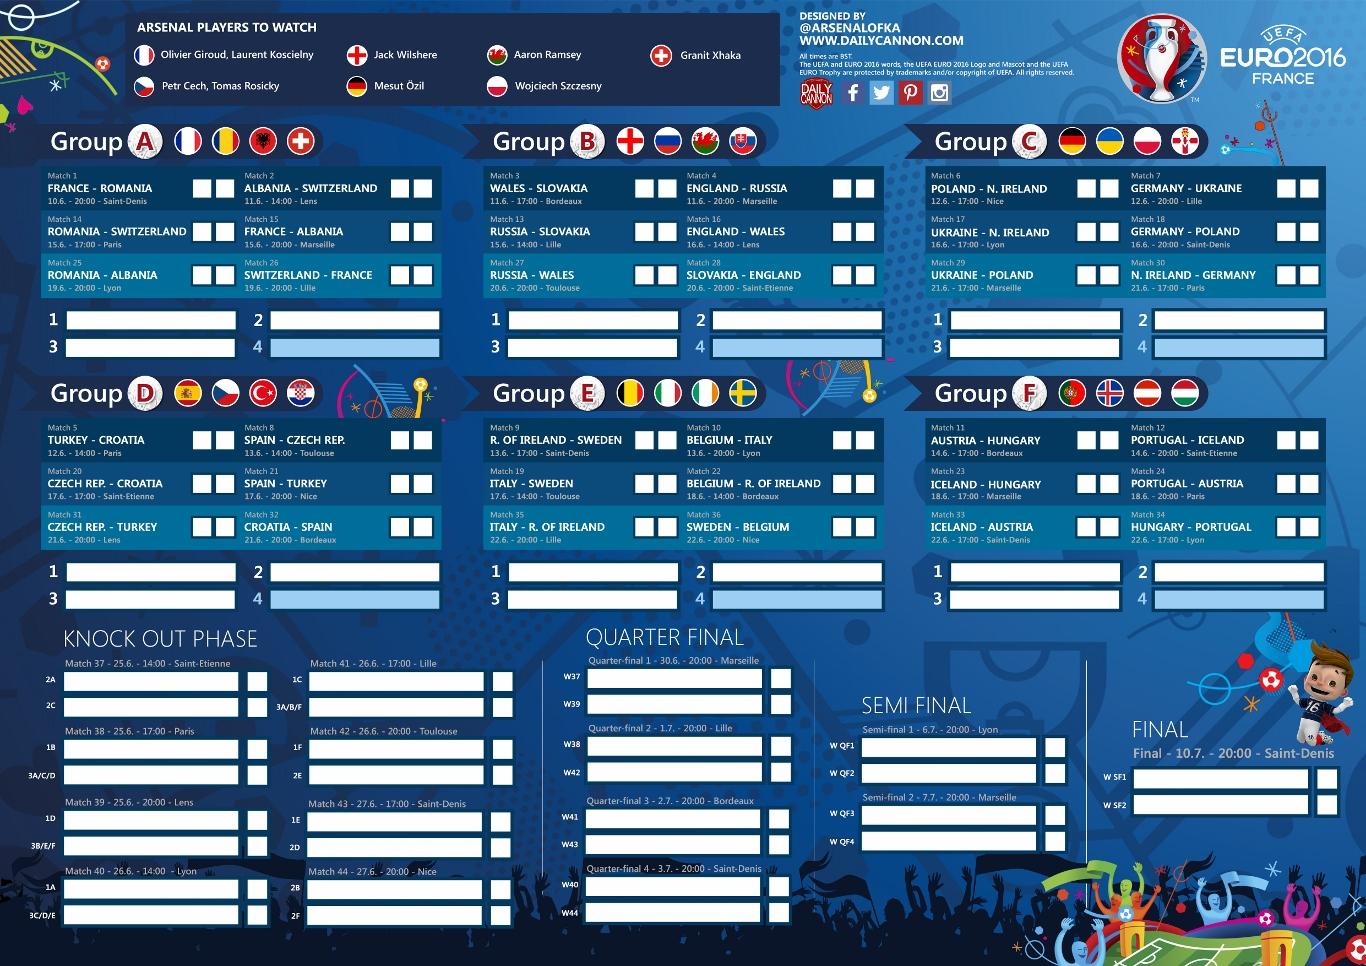 чемпионат европы по футболу 2016 календарь россии белье можно